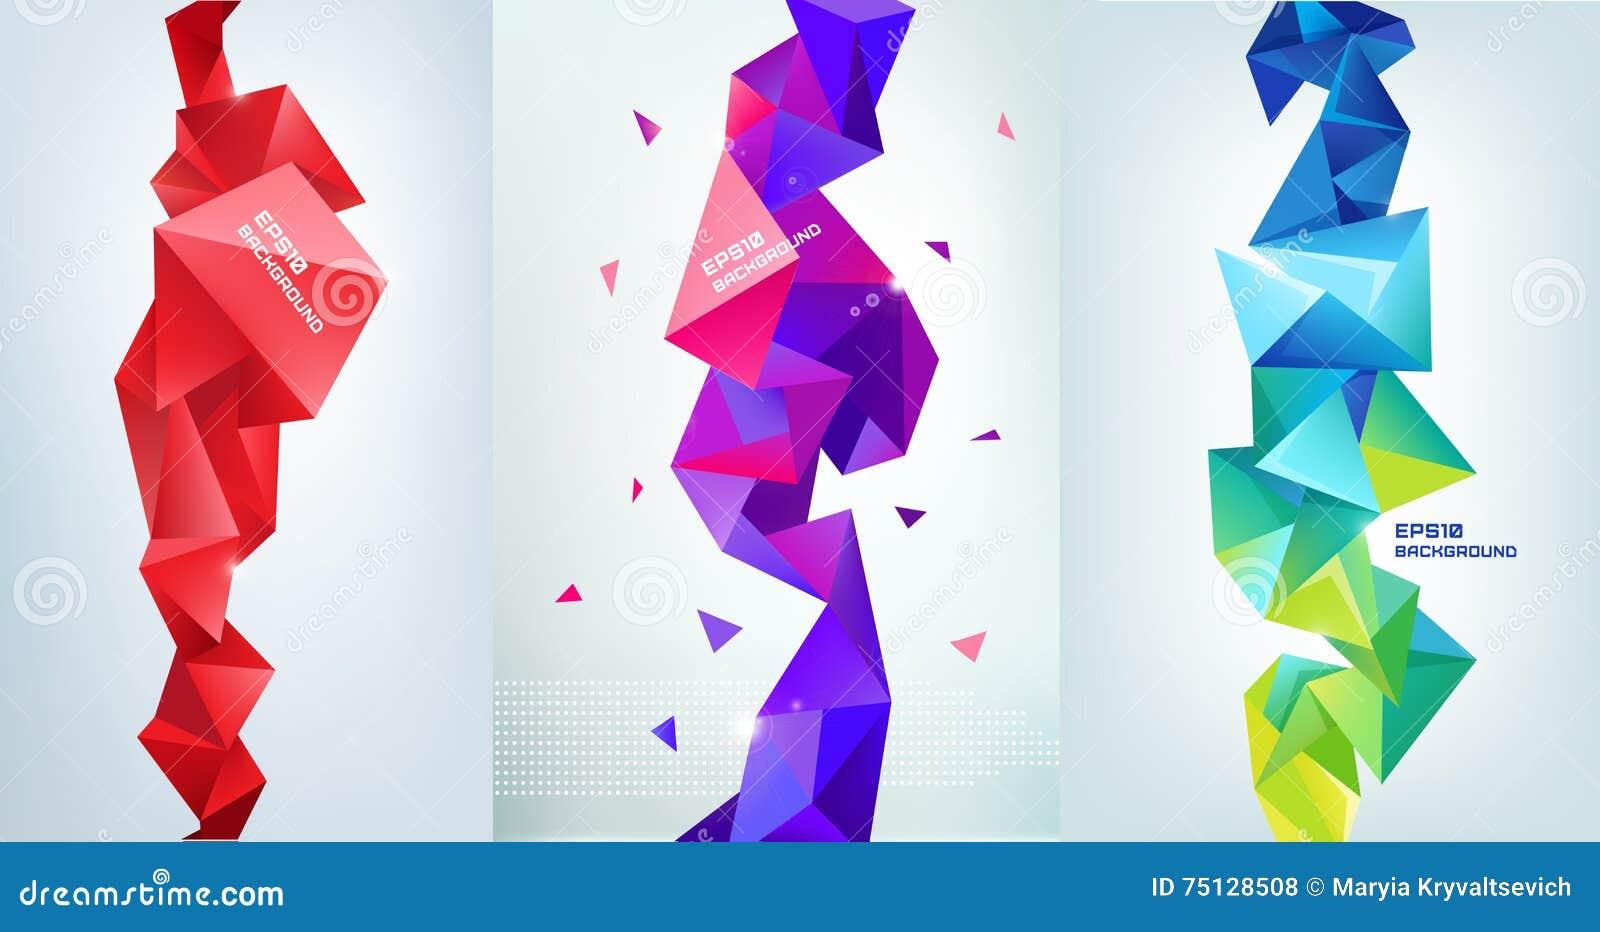 传染媒介套雕琢平面的3d水晶五颜六色的形状,横幅